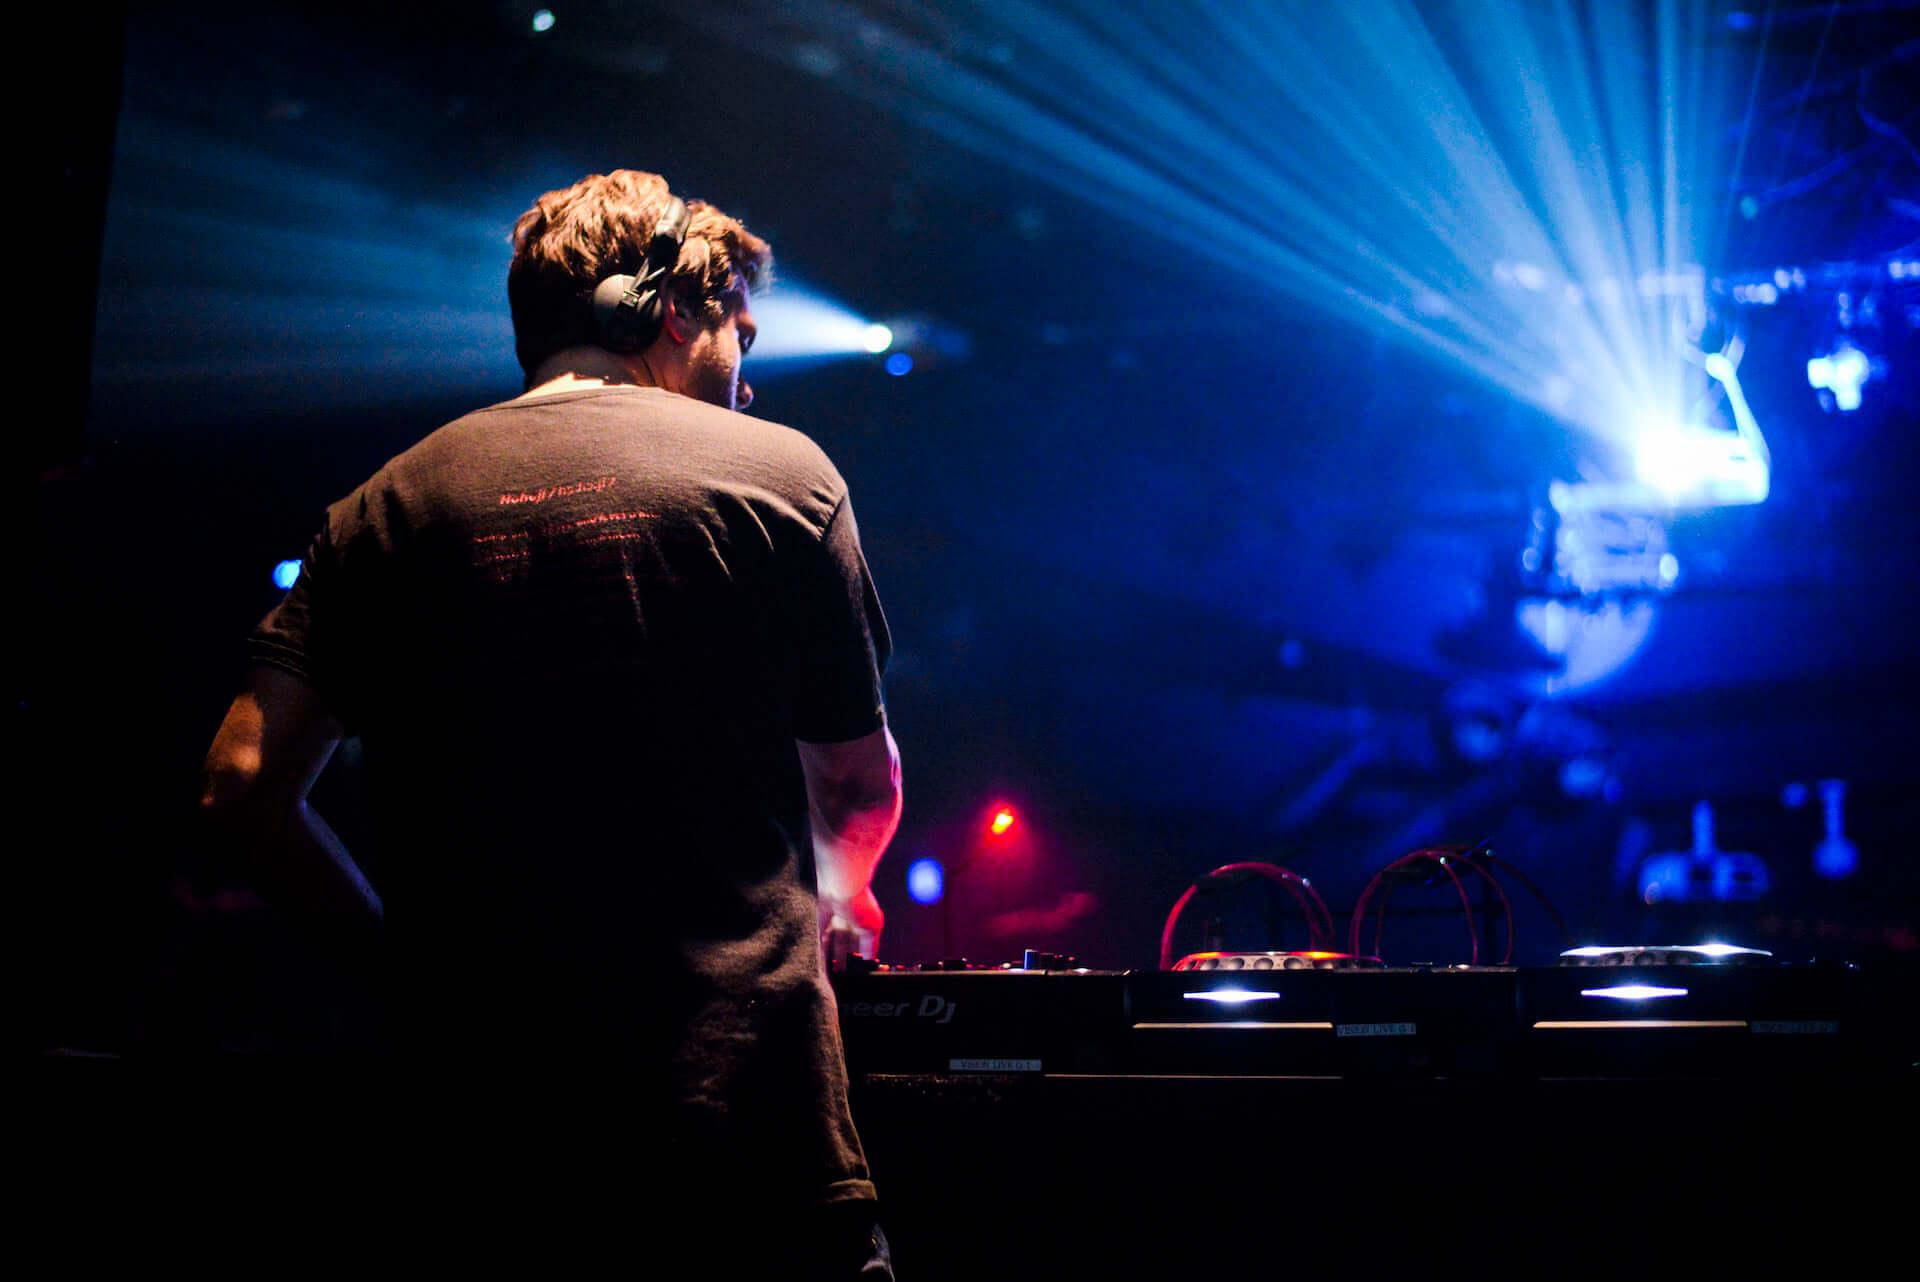 フォトレポ|注目のパリ発レーベル「Roche Musique」×国内人気パーティー「MODERN DISCO」 music181129-modern-disco-17-1920x1282